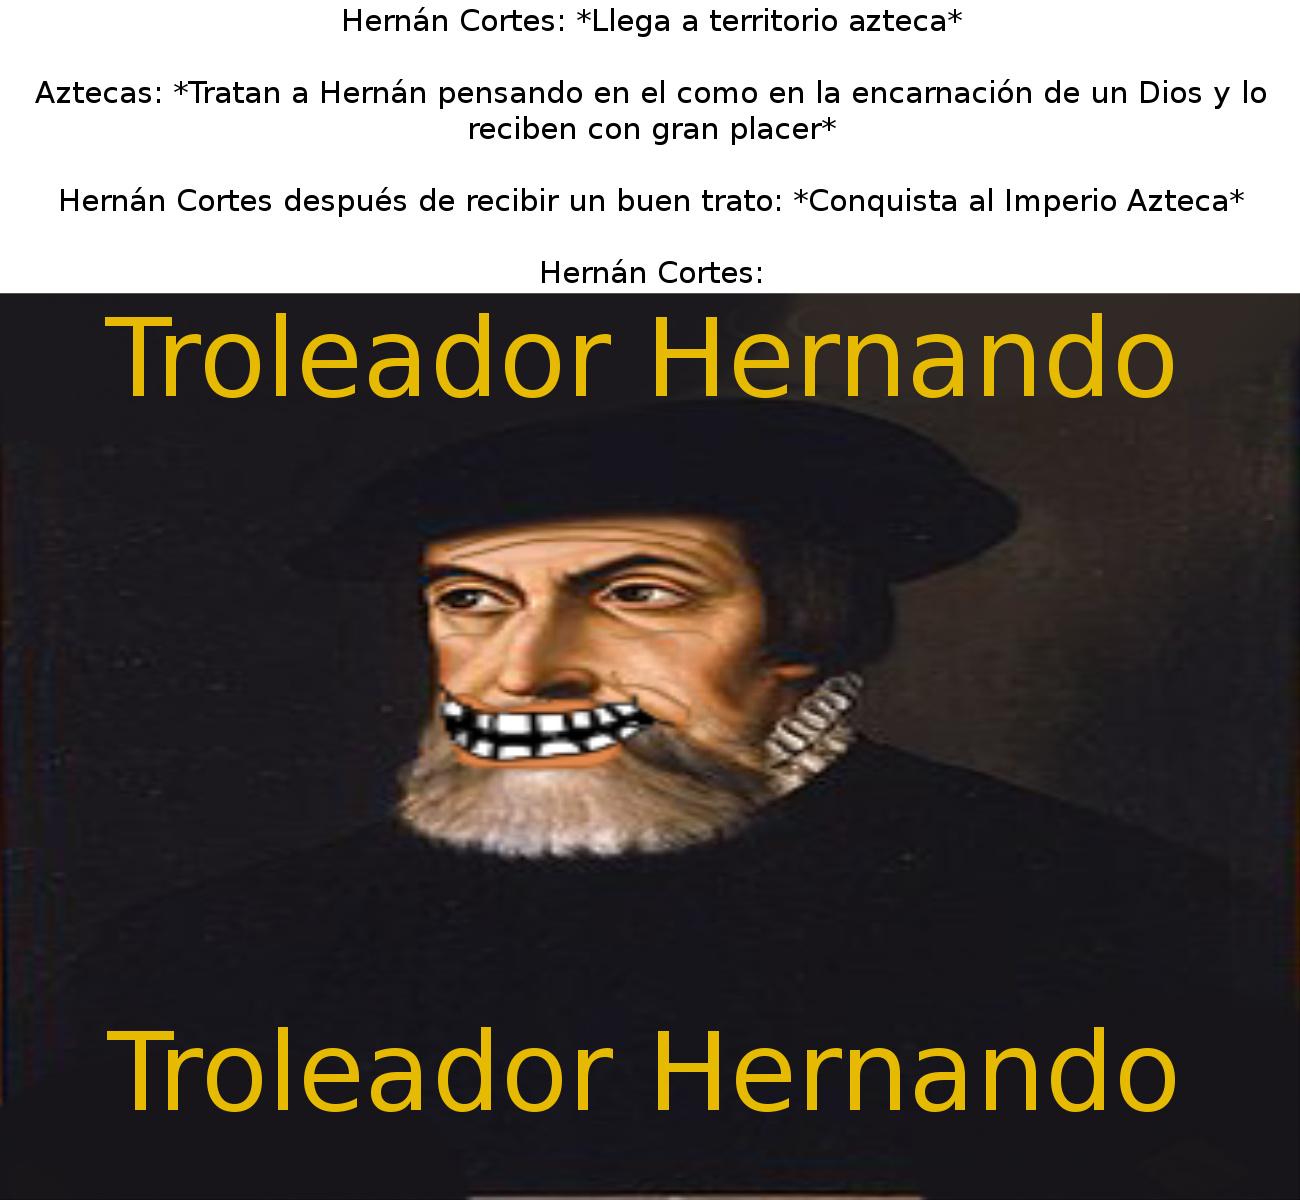 Hernán Cortes, para muchos el hombre que conquisto el imperio azteca. Para mí uno de los mayores trolls de la historia Pd: Aquí un momo historico hecho con gran pasión y edición - meme